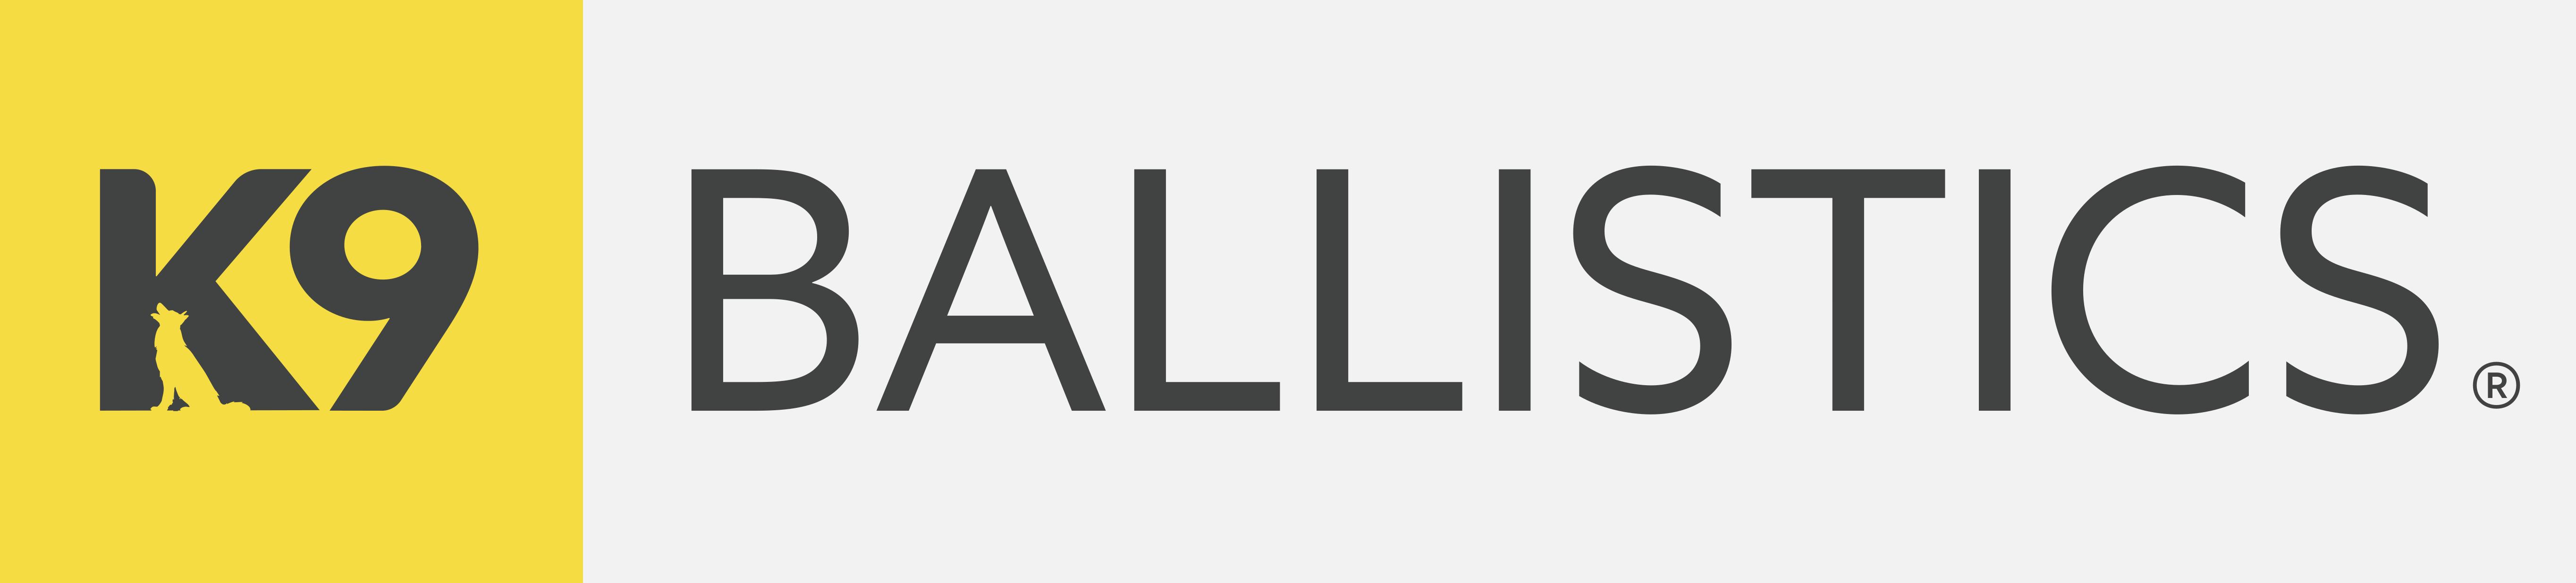 K9-Ballistics-LOGO